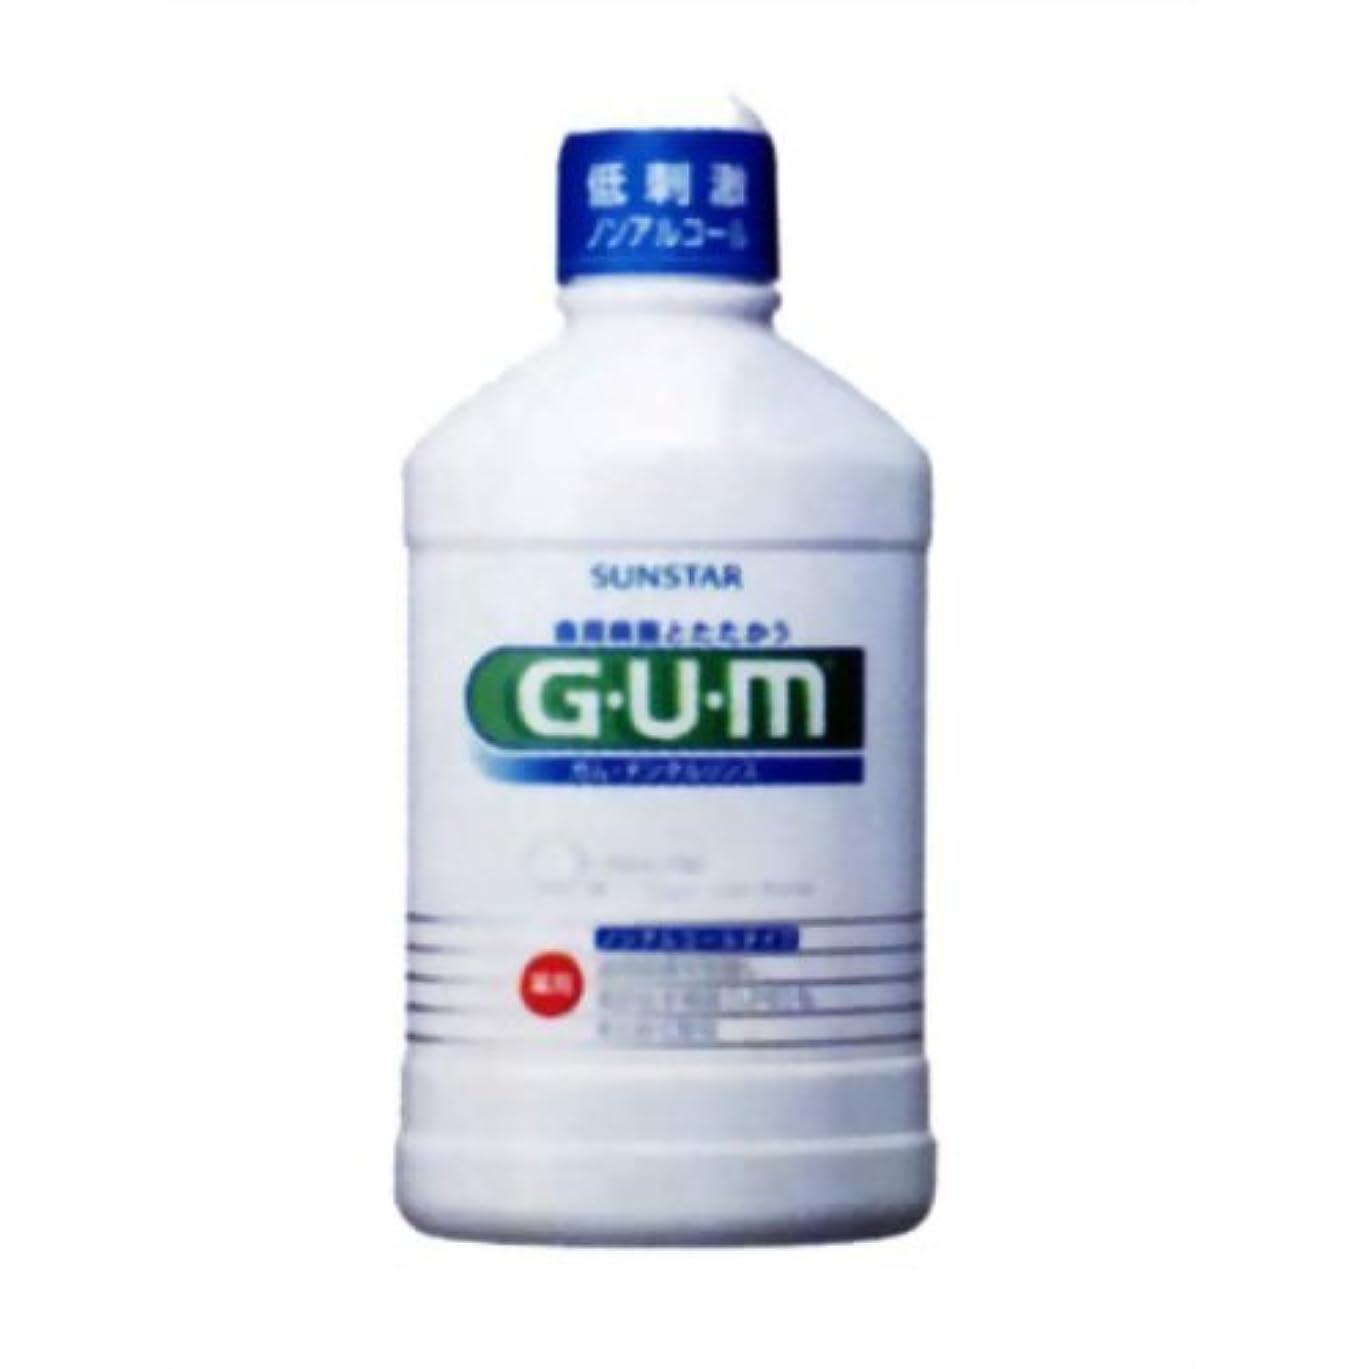 経営者研究野望GUM(ガム) 薬用 デンタルリンス ノンアルコールタイプ 250ml